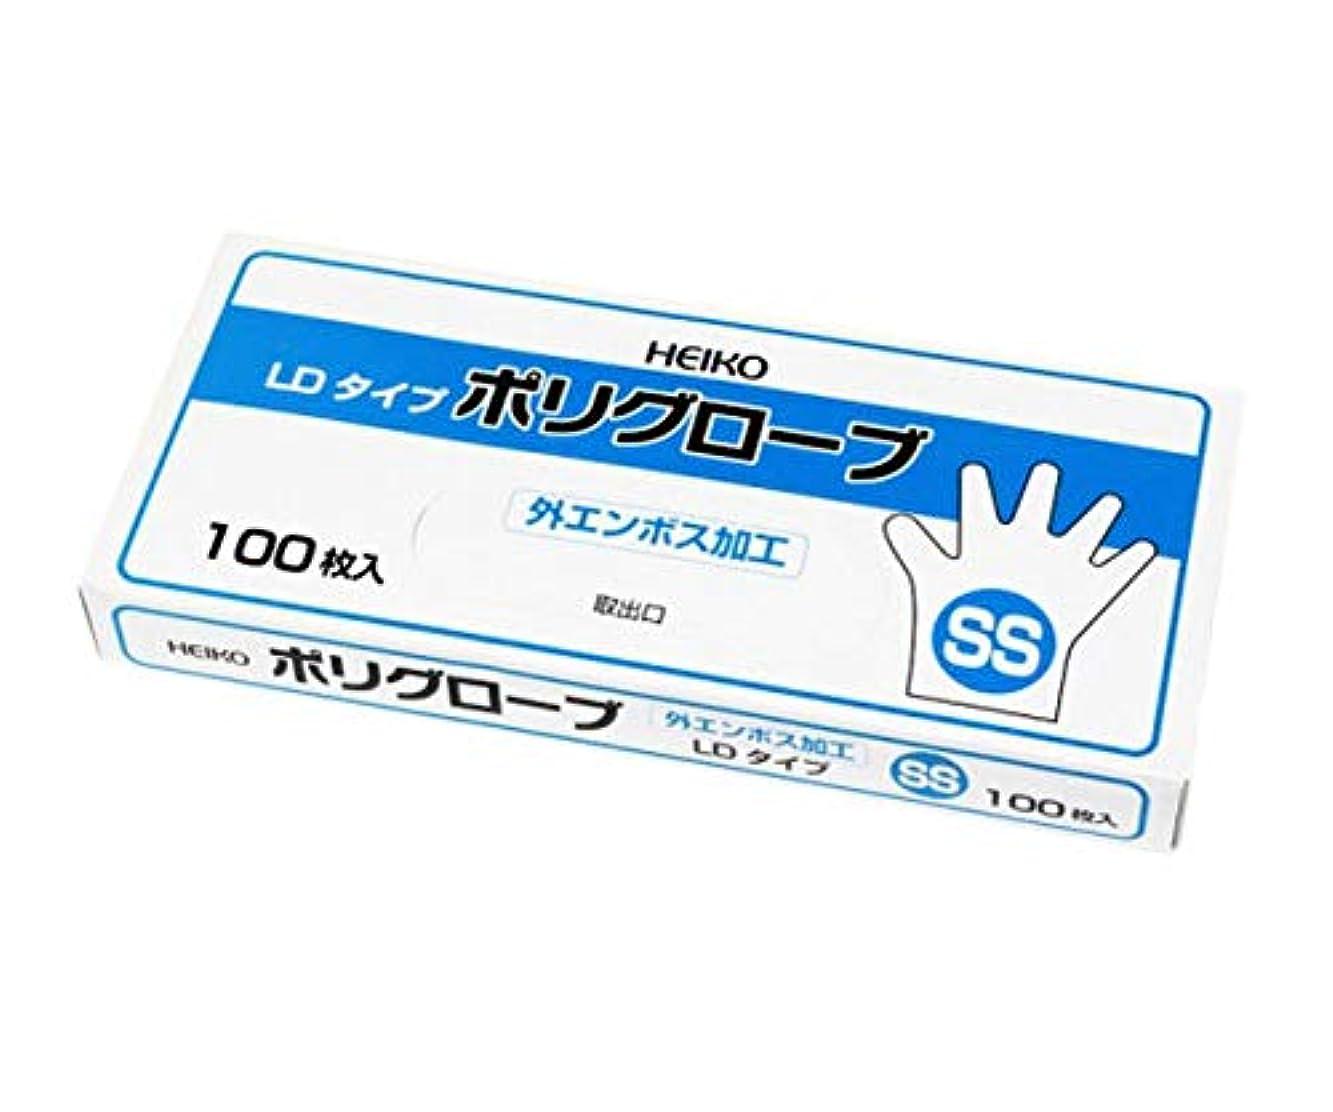 曲げるママレポートを書くHEIKO ポリグローブ ポリLD 外エンボス100入 SS 100枚/62-1021-93